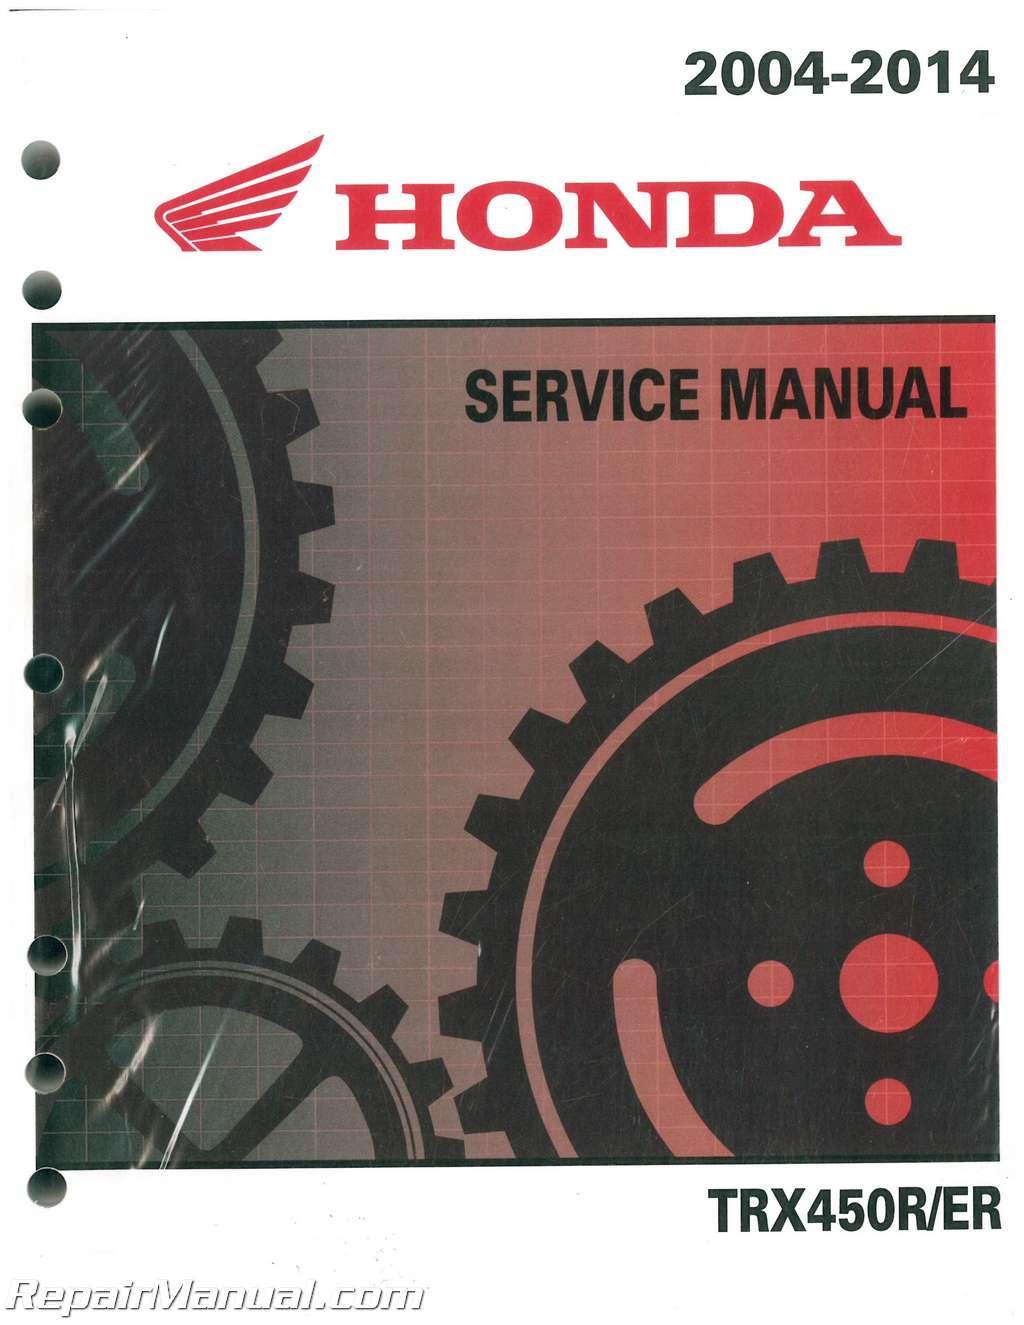 2004 2014 honda trx450r er sportrax atv service manual 61hp108 ebay honda trx450r service manual 2006 honda trx450r service manual